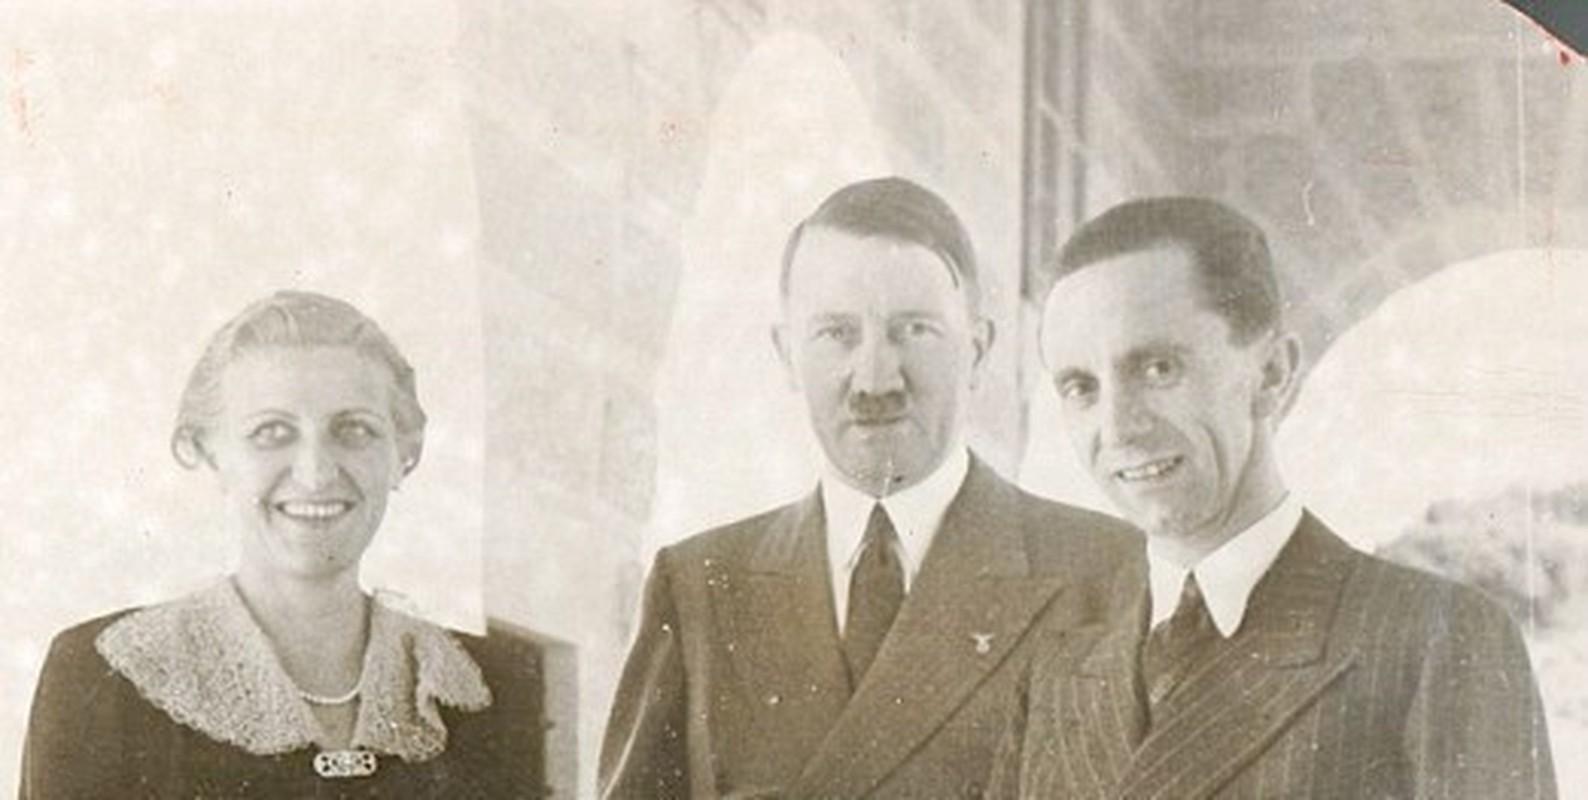 Trum phat xit Hitler cuong si vo cua cap duoi the nao?